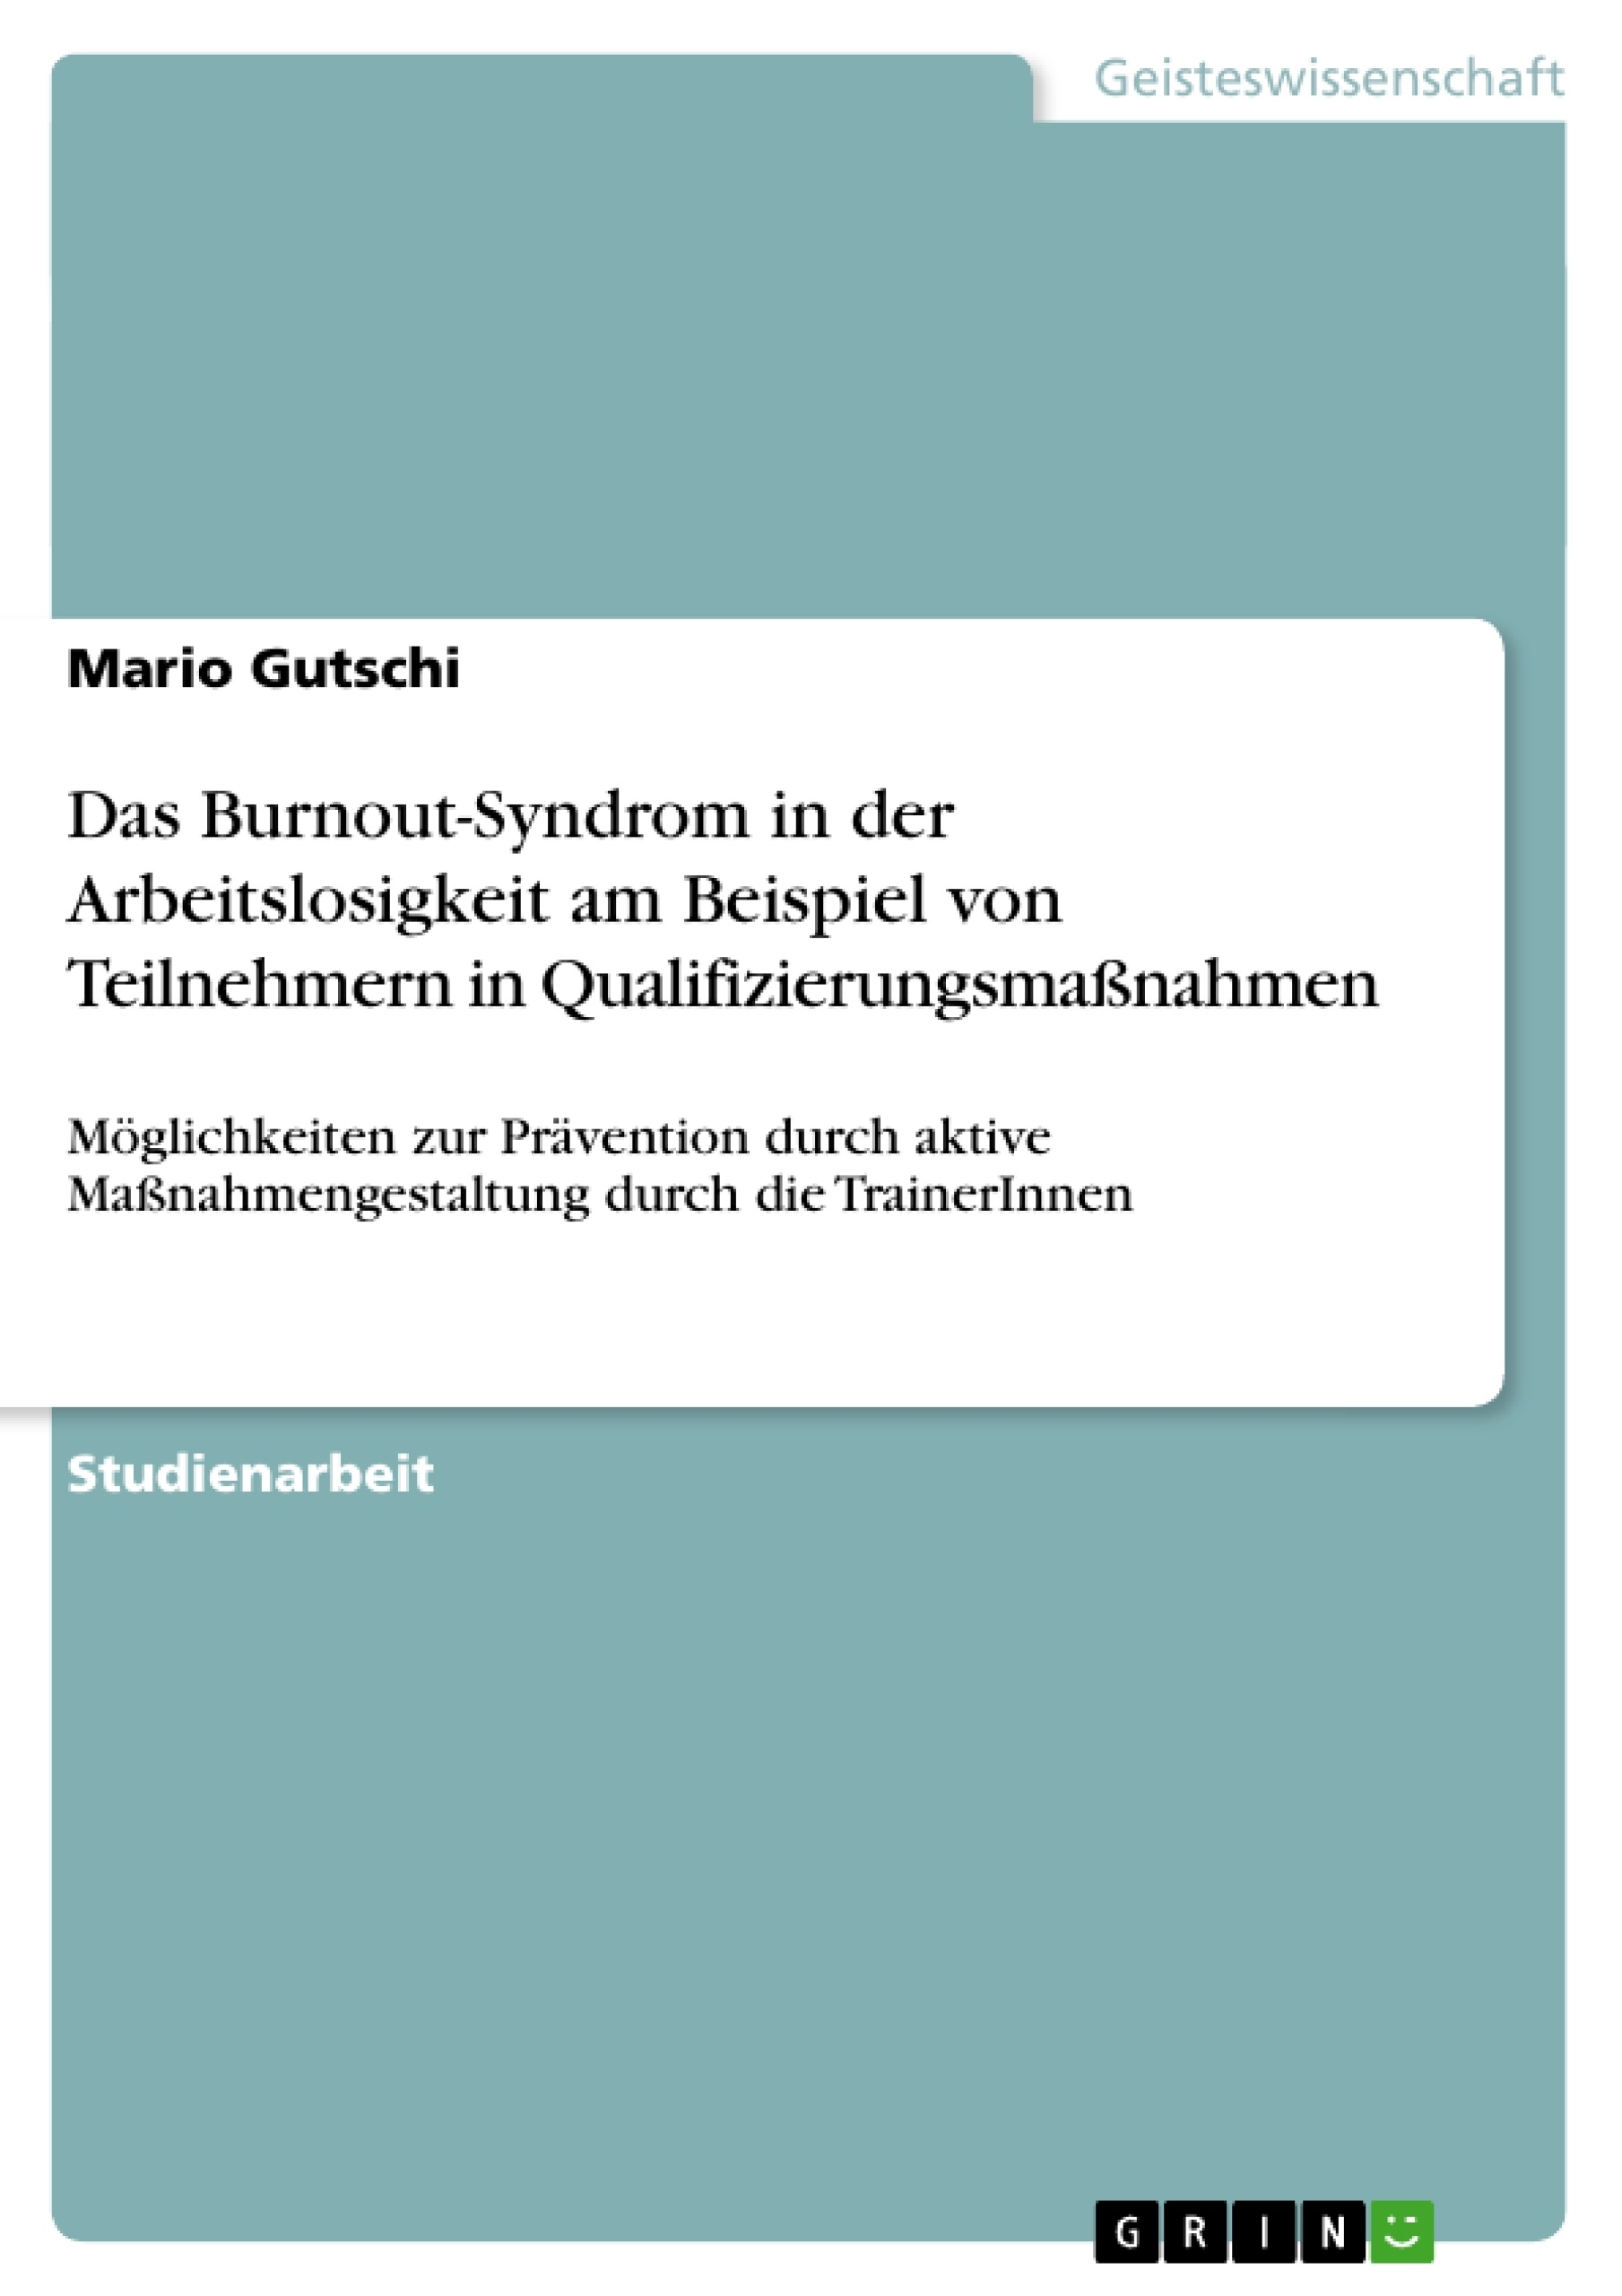 Titel: Das Burnout-Syndrom in der Arbeitslosigkeit am Beispiel von Teilnehmern in Qualifizierungsmaßnahmen